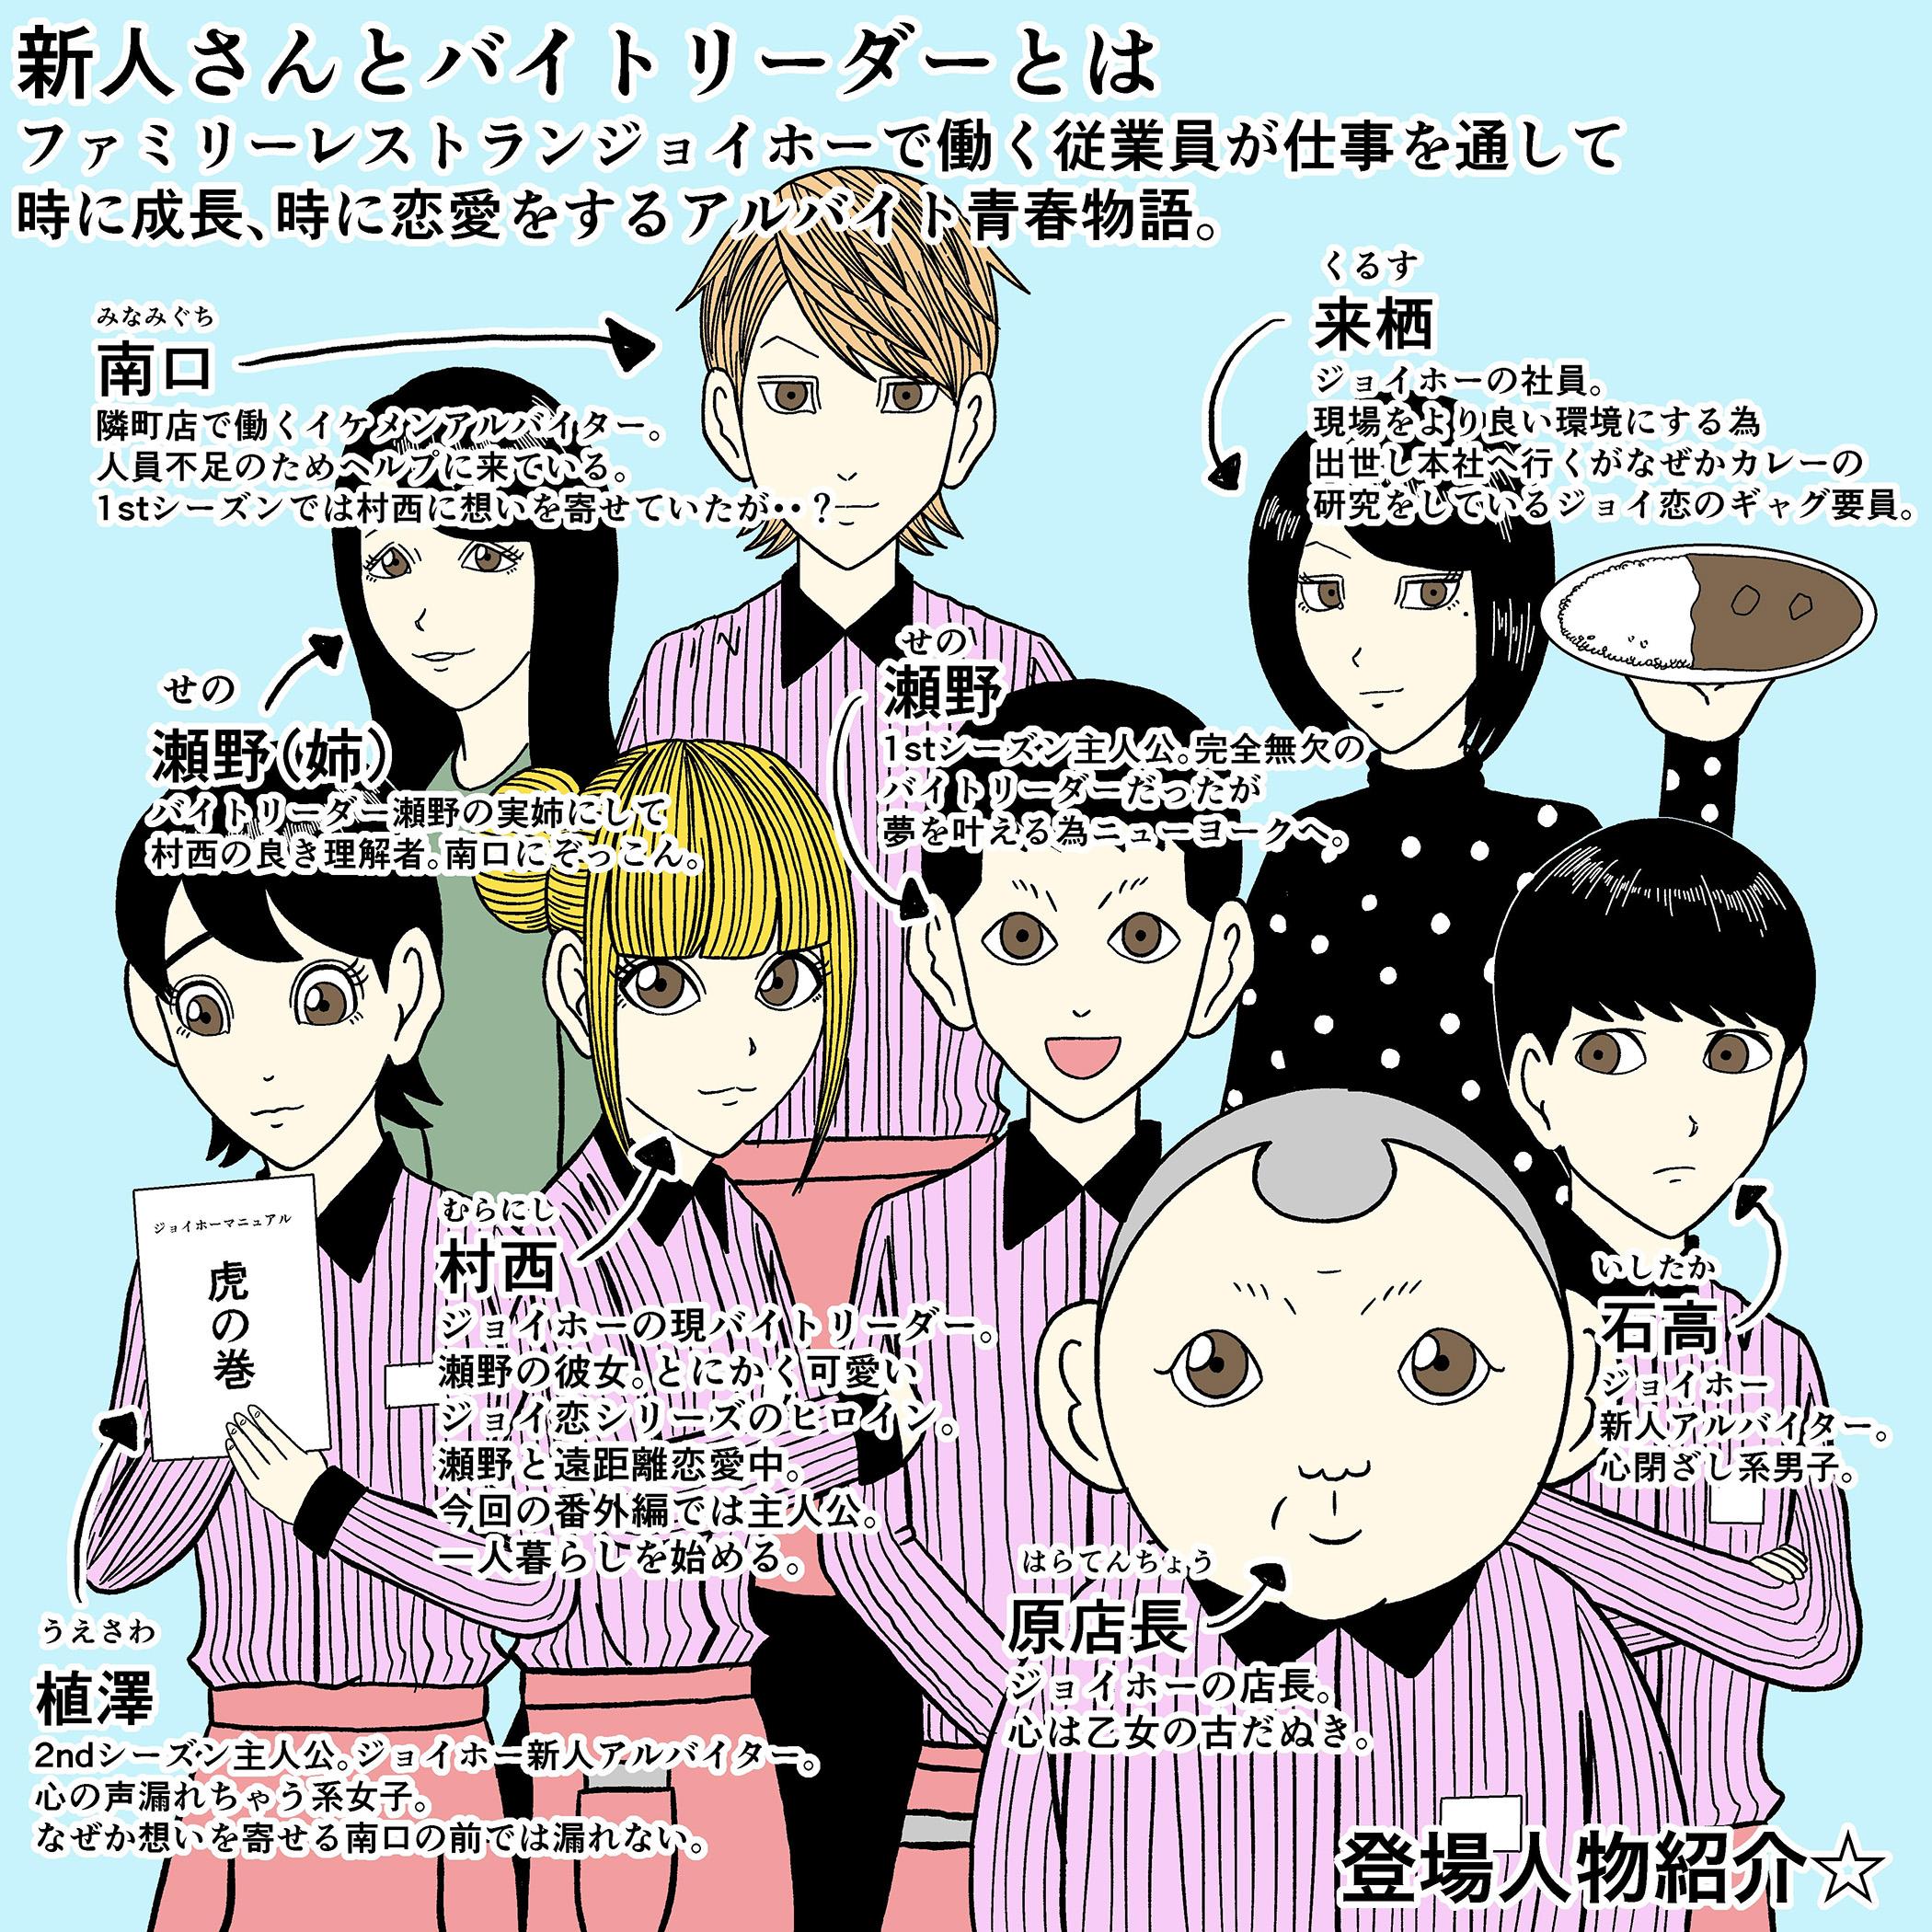 バラシ屋トシヤの漫画『新人さんとバイトリーダー』登場人物!